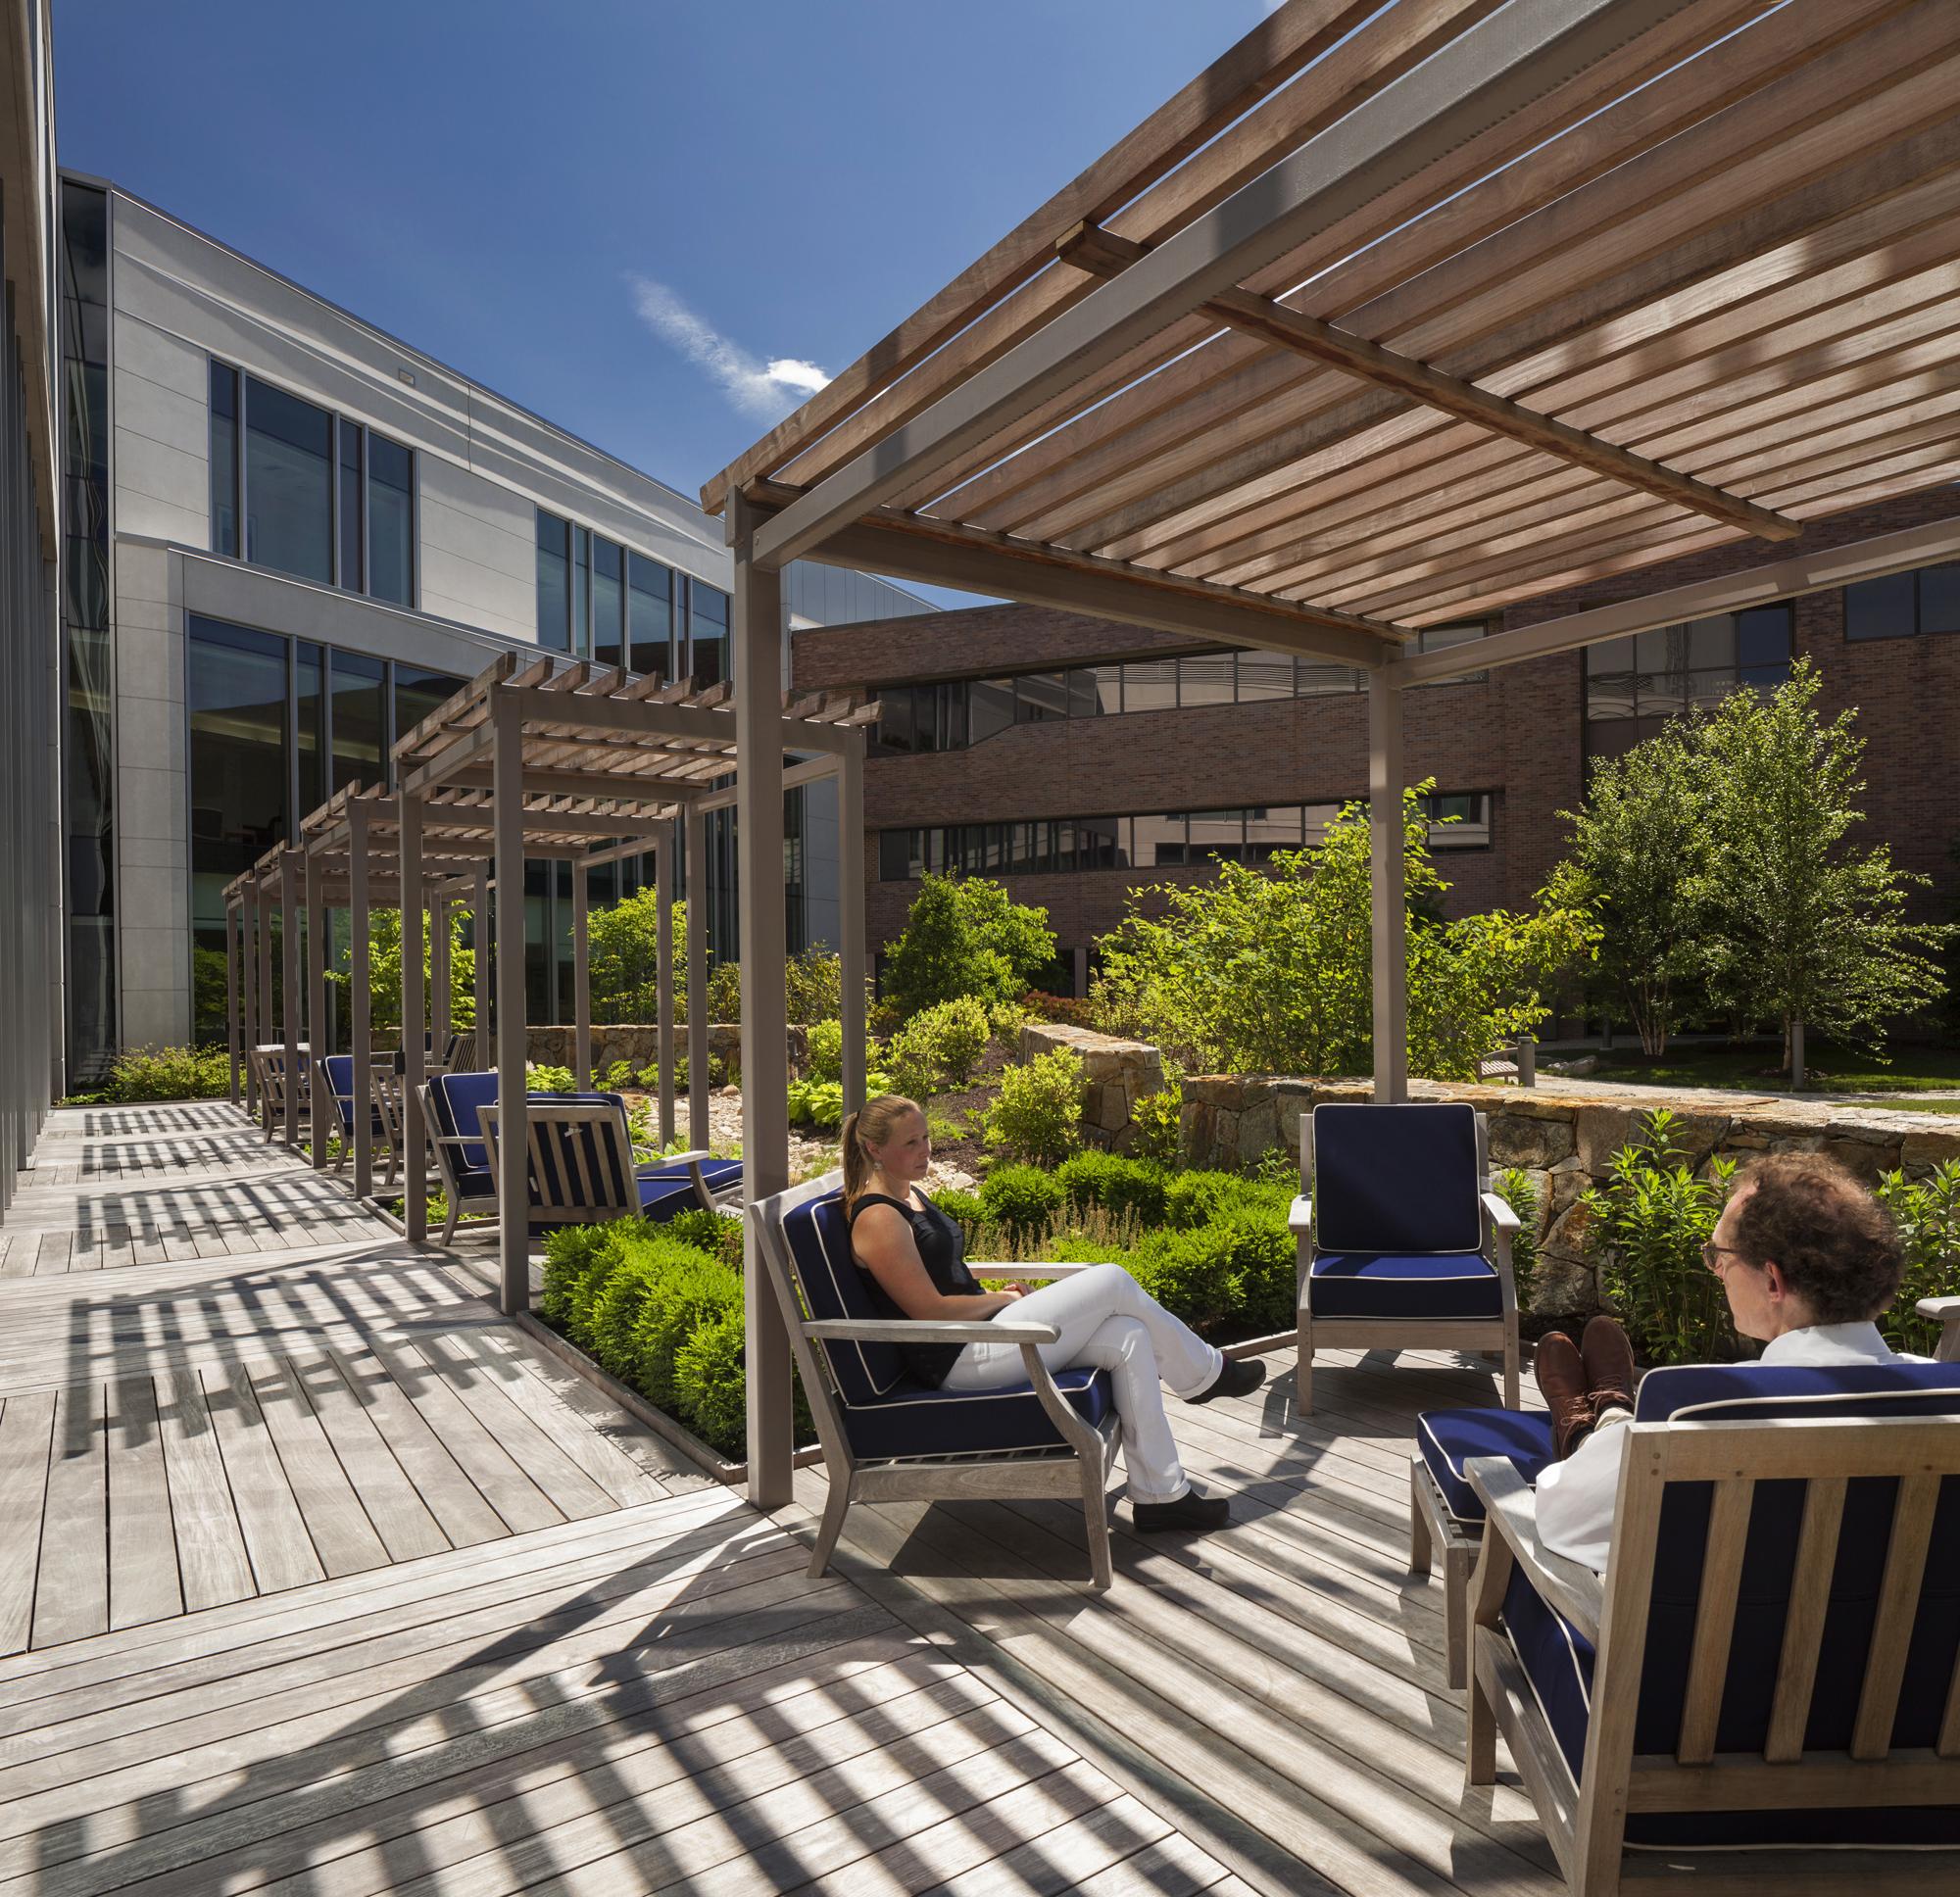 Norma Pfreim Healing Garden, Trumbull CT - Towers Golde